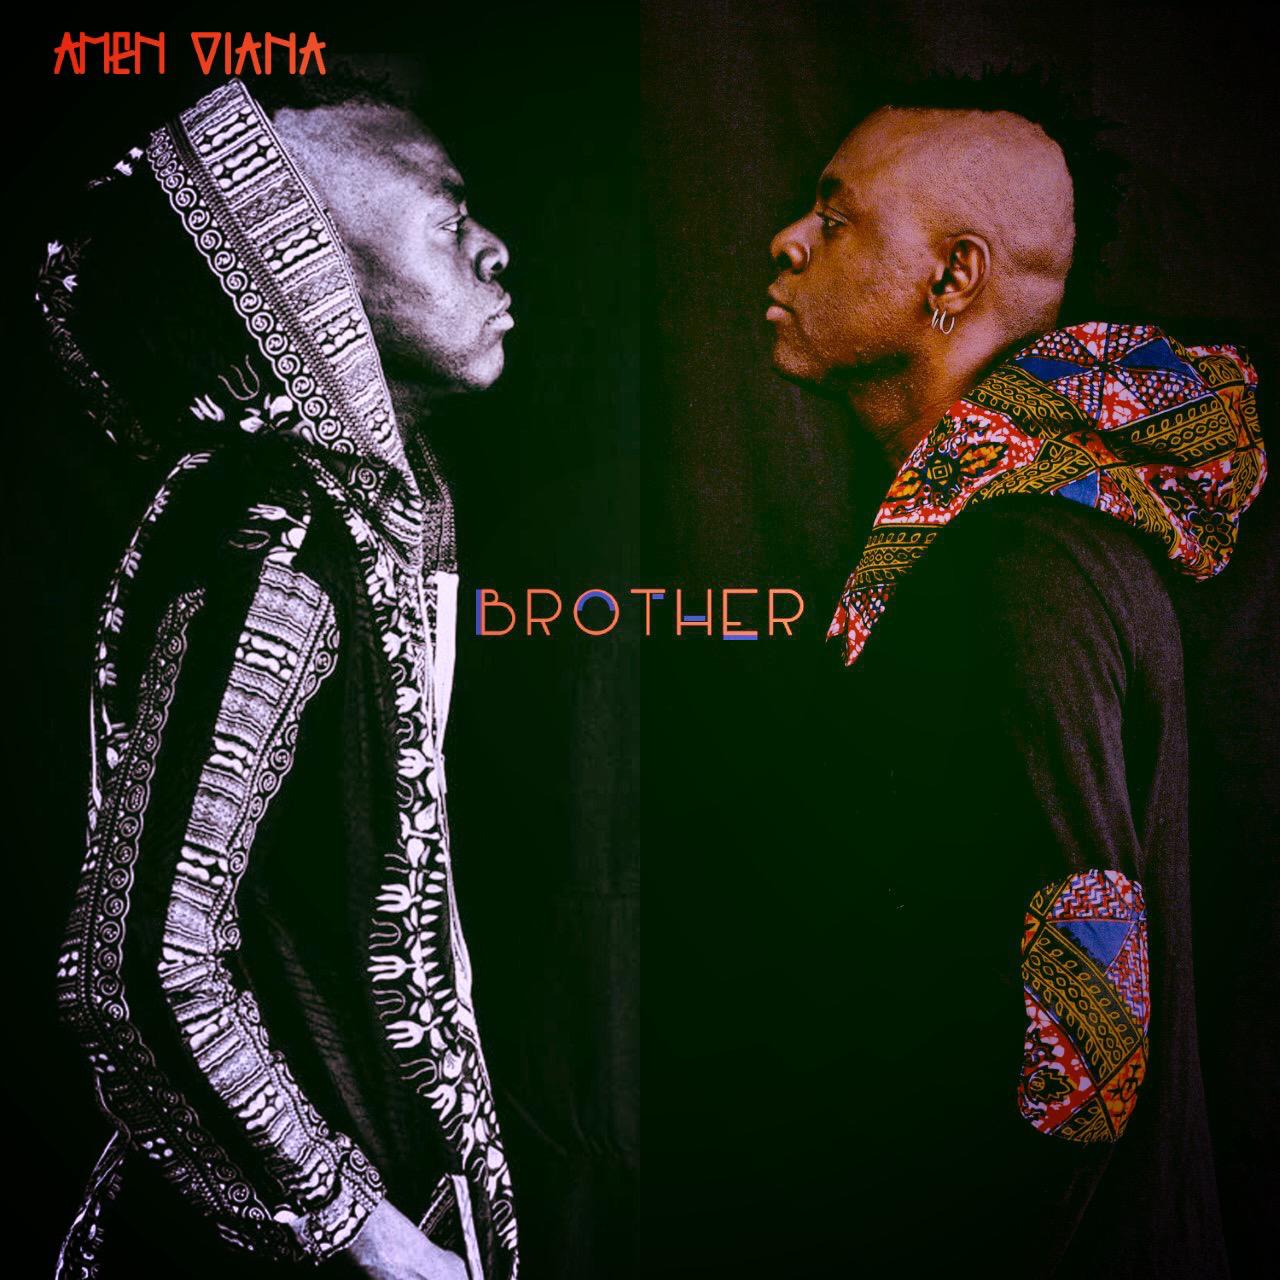 Amen Viana - Brother